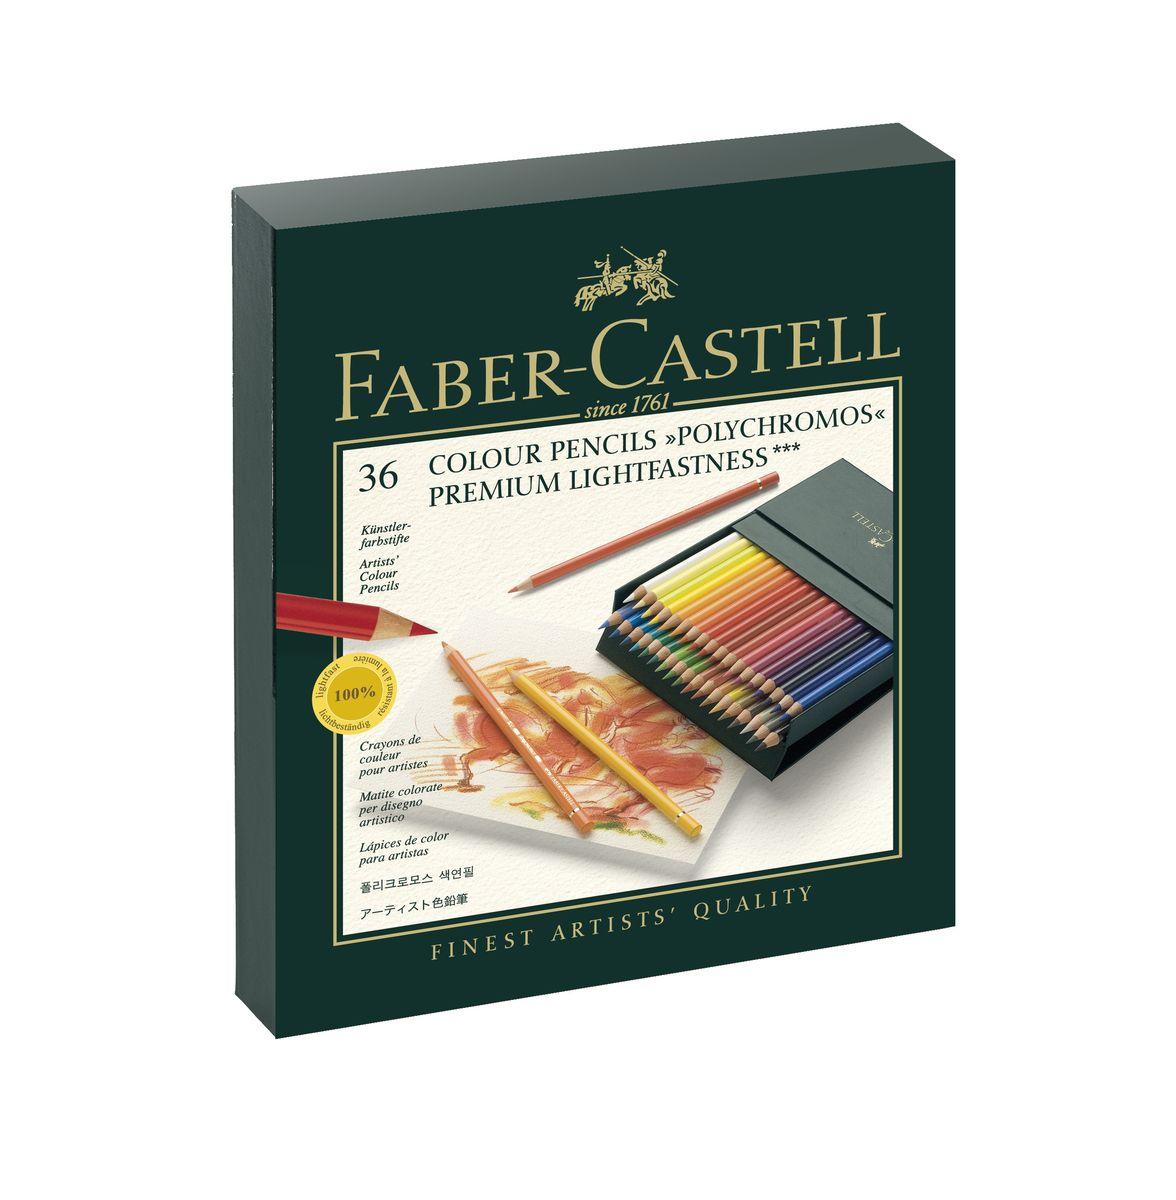 Faber-Castell Цветные карандаши Polychromos 36 цветов72523WDЦветные карандаши Faber-Castell Polychromos станут незаменимым инструментом для начинающих и профессиональных художников. В набор входят 36 карандашей разных цветов.Особенности карандашей: высокое содержание очень качественныхпигментов гарантирует устойчивость квоздействию света и интенсивность; грифель толщиной 3,8 мм;гладкий грифель на основе воска водоустойчив,не размазывается.Набор цветных карандашей - это практичный художественный инструмент, который поможет вам в создании самых выразительных произведений. Карандаши упакованы в коробку из кожзама, благодаря чему их удобно хранить.